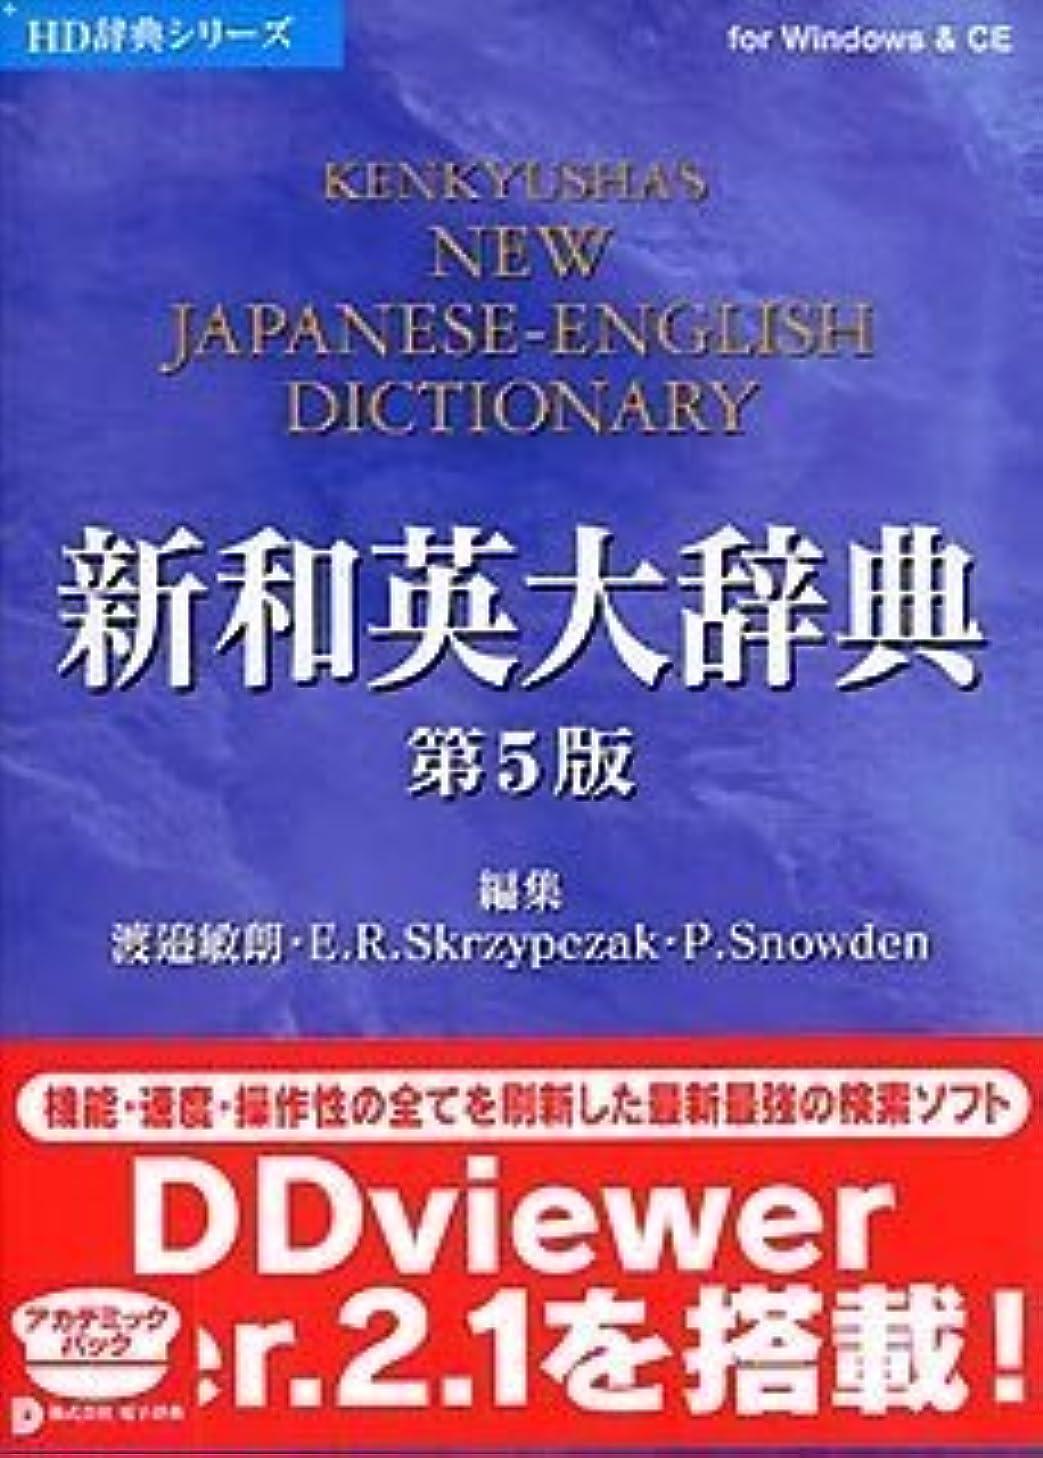 研究社新和英大辞典 第5版 V2 アカデミック